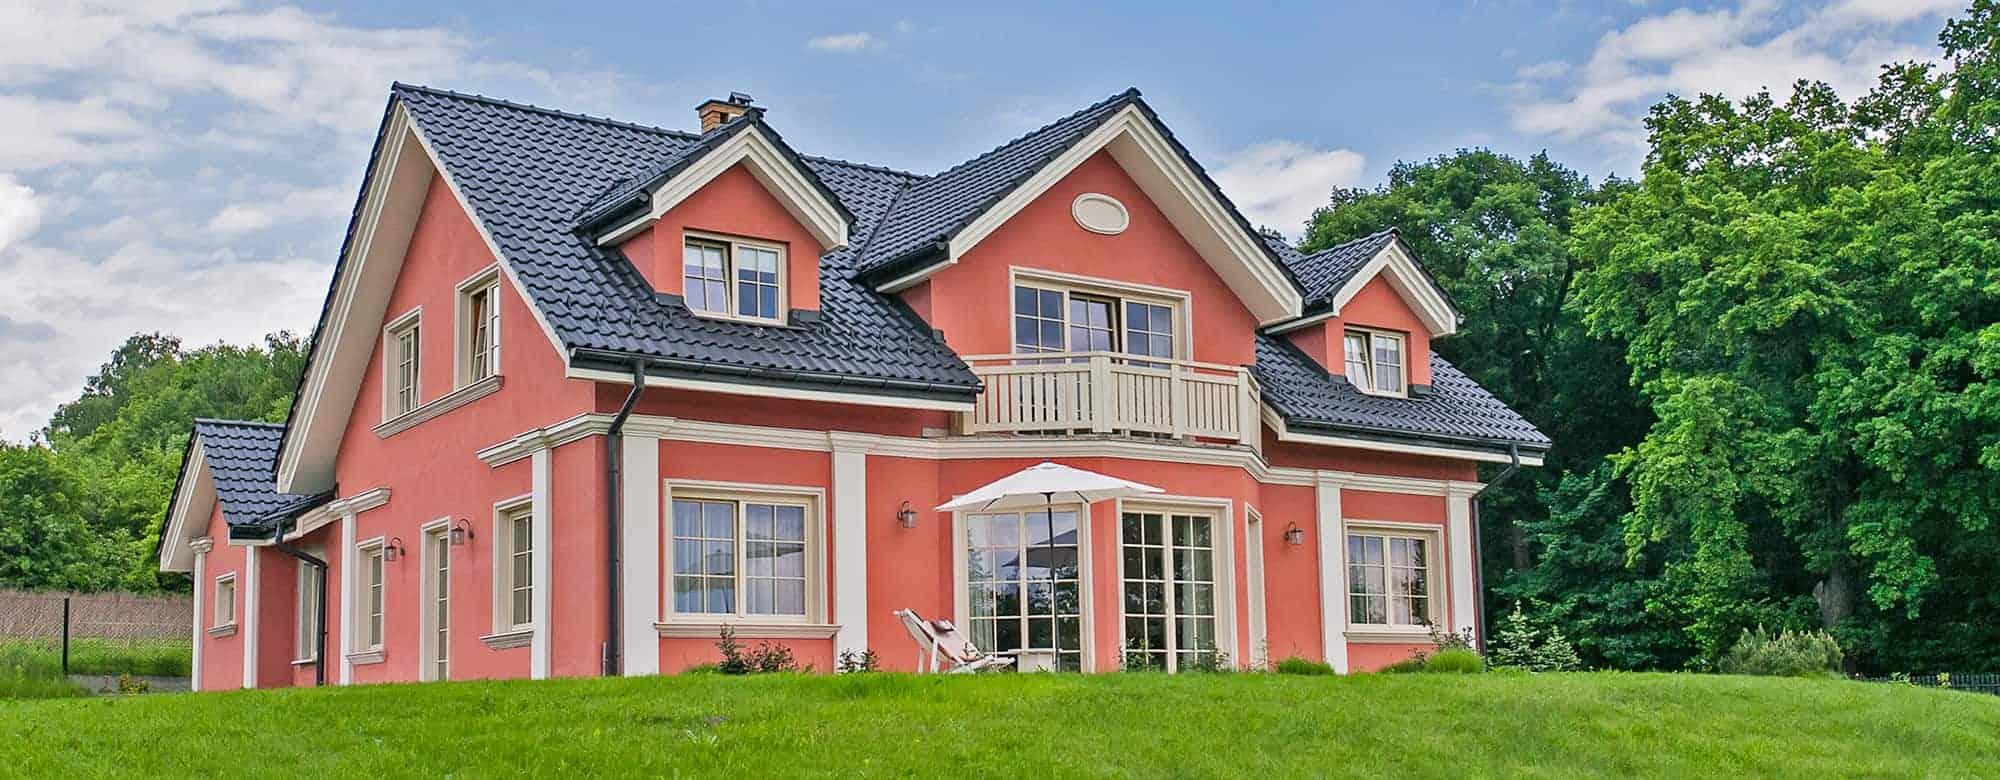 Sprzedaż nieruchomości Kraków